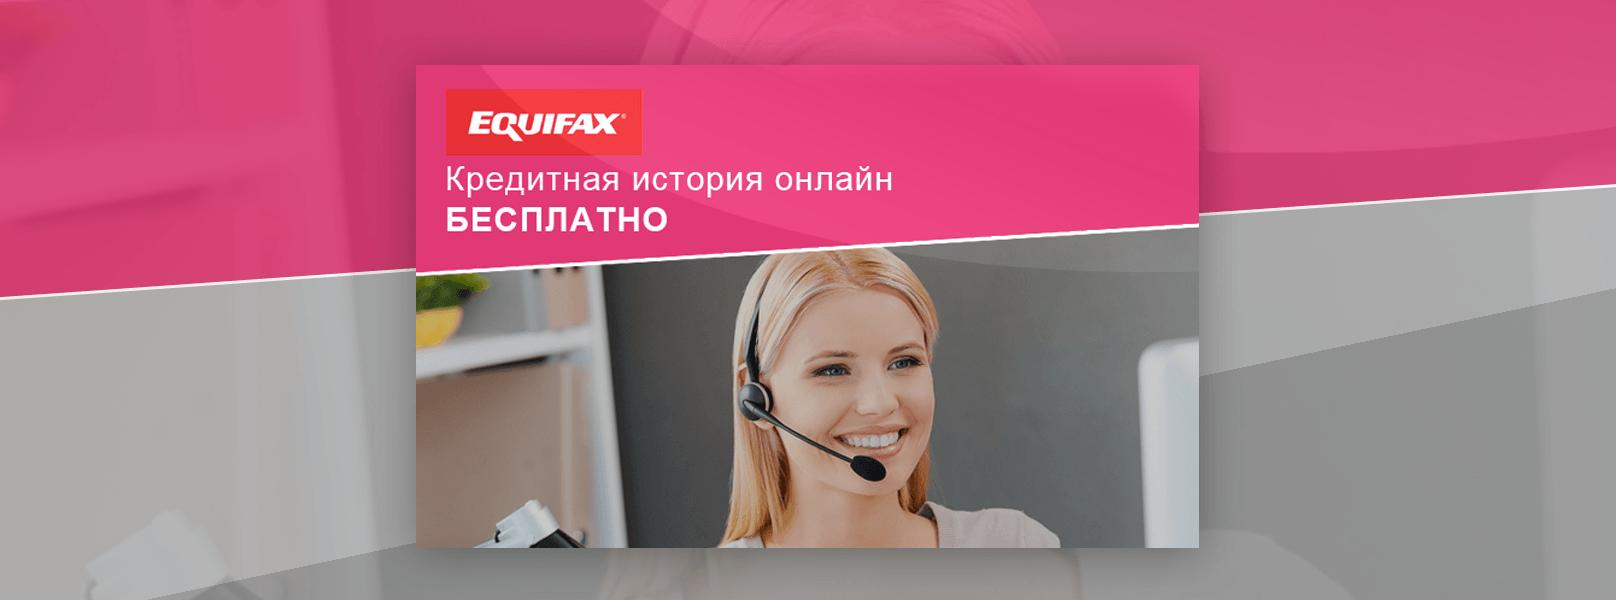 Узнать кредитную историю бесплатно в Equifax